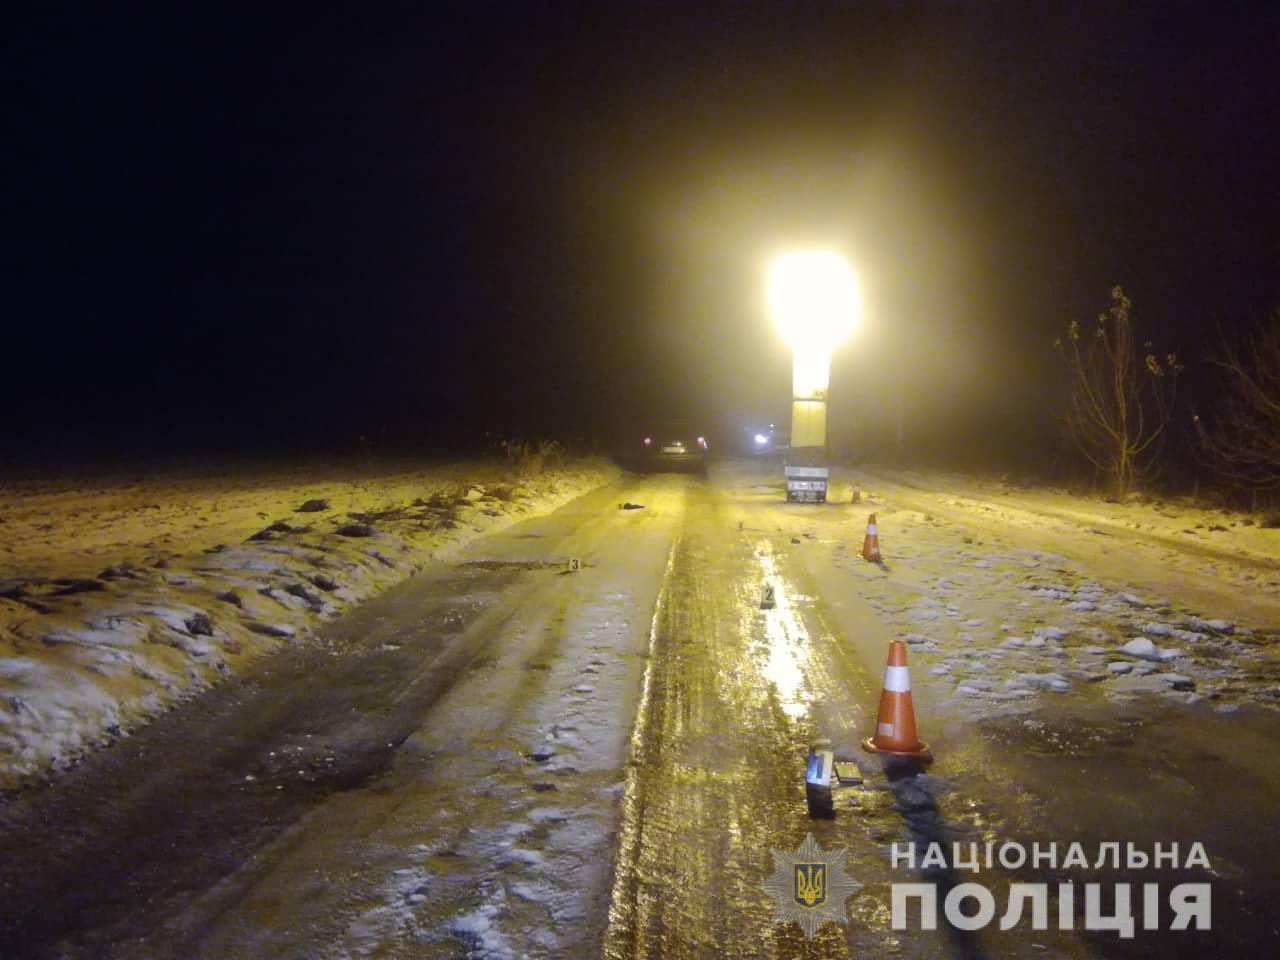 На Рожнятівщині п'яний водій вбив пішохода, котрий лежав на дорозі (ФОТО 18+)